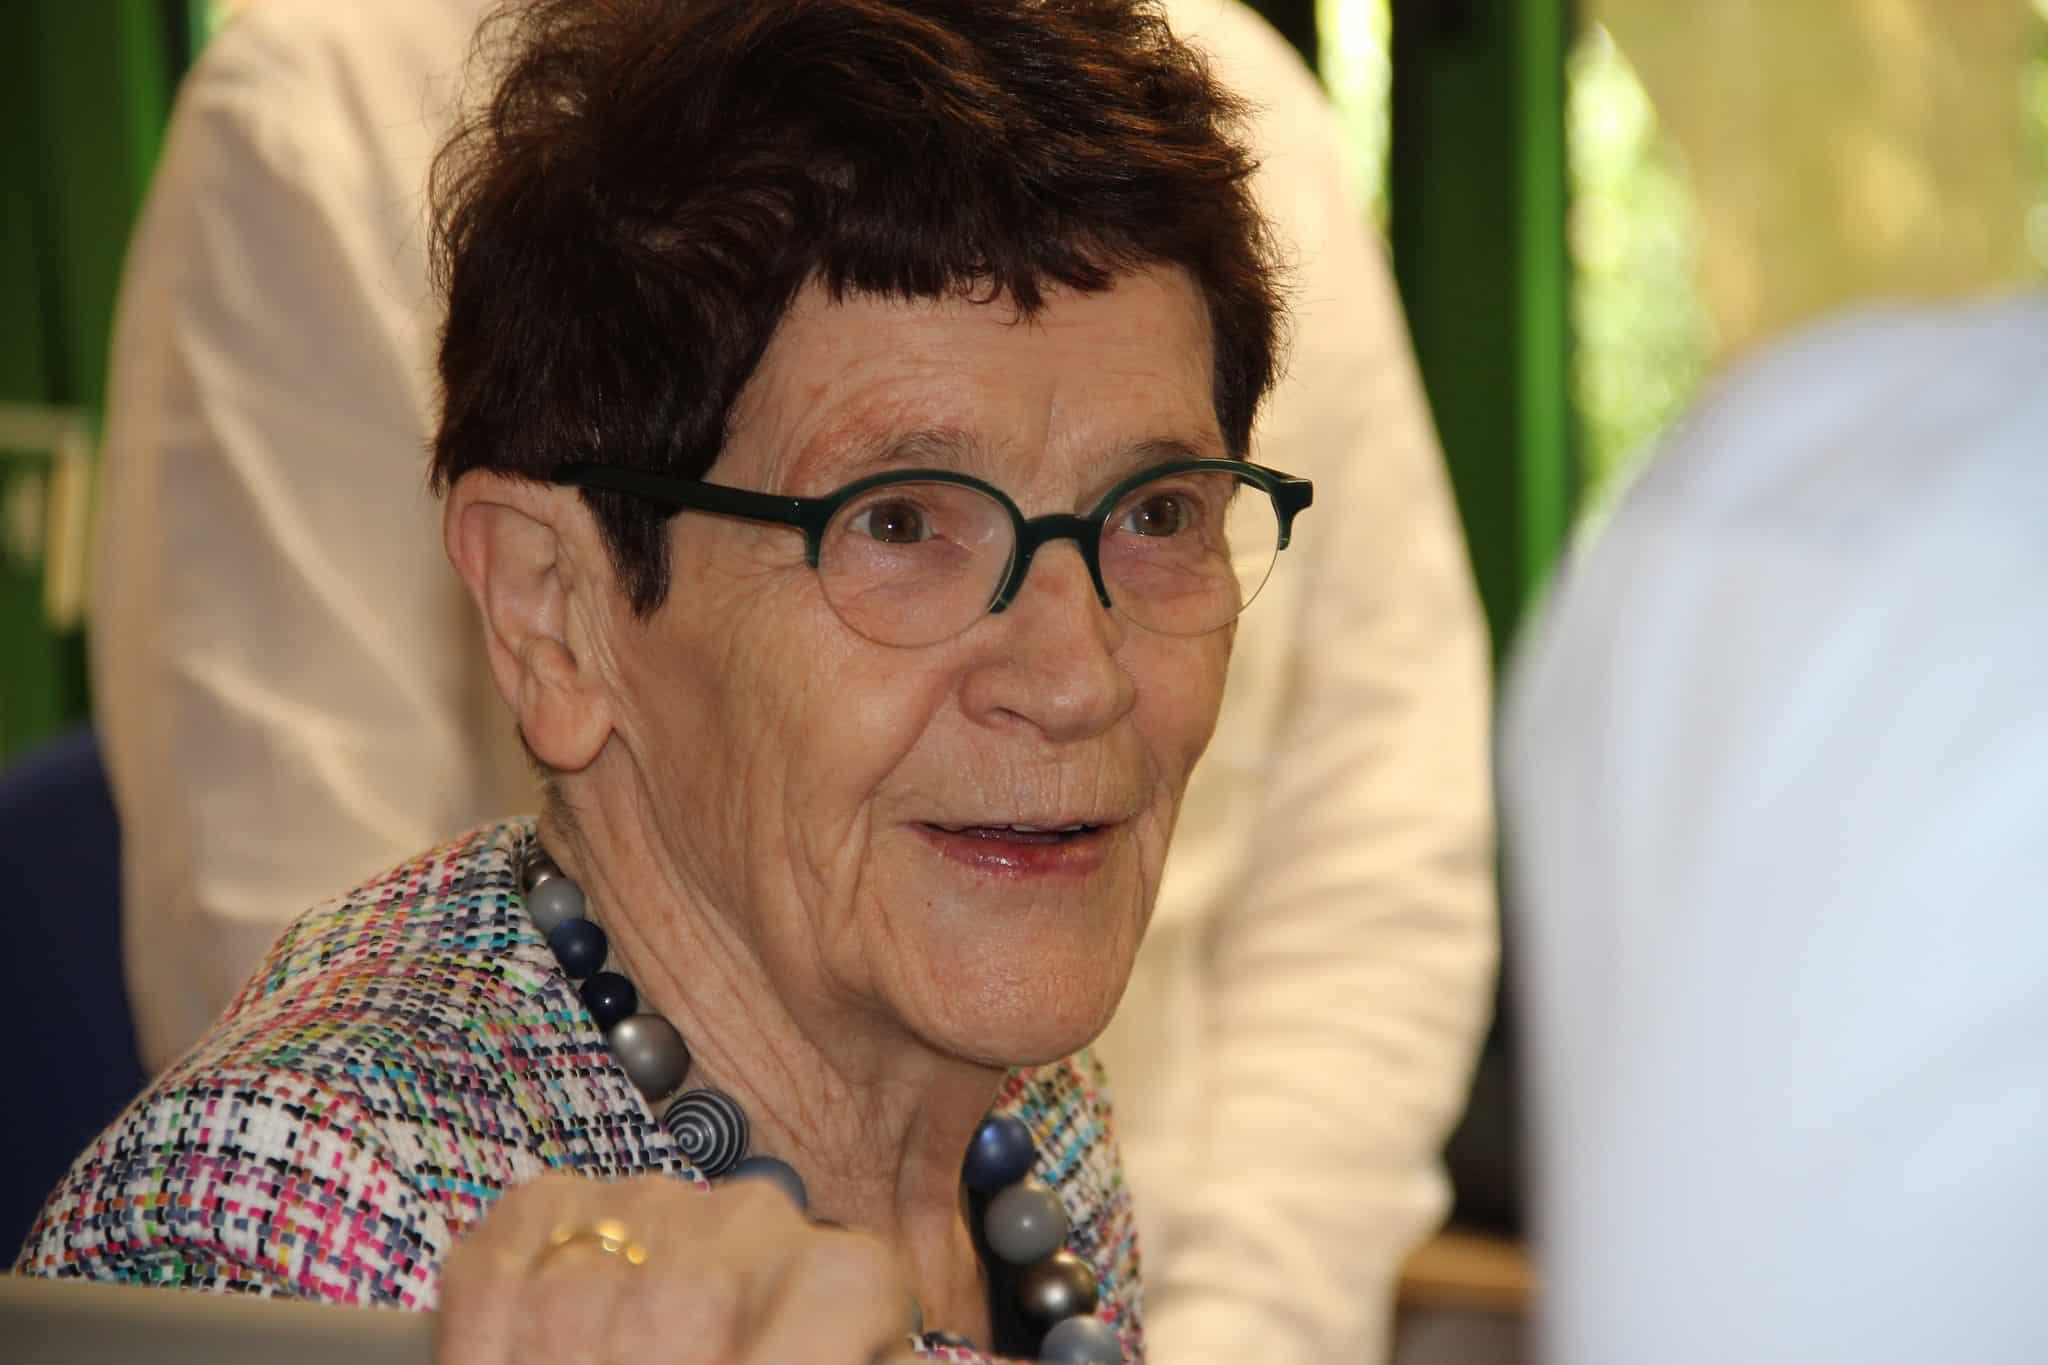 Rita Süssmuth, Prof. Dr., Bundestagspräsidentin a.D., während ihres Besuchs bei der SprInt gemeinnützigen eGenossenschaft